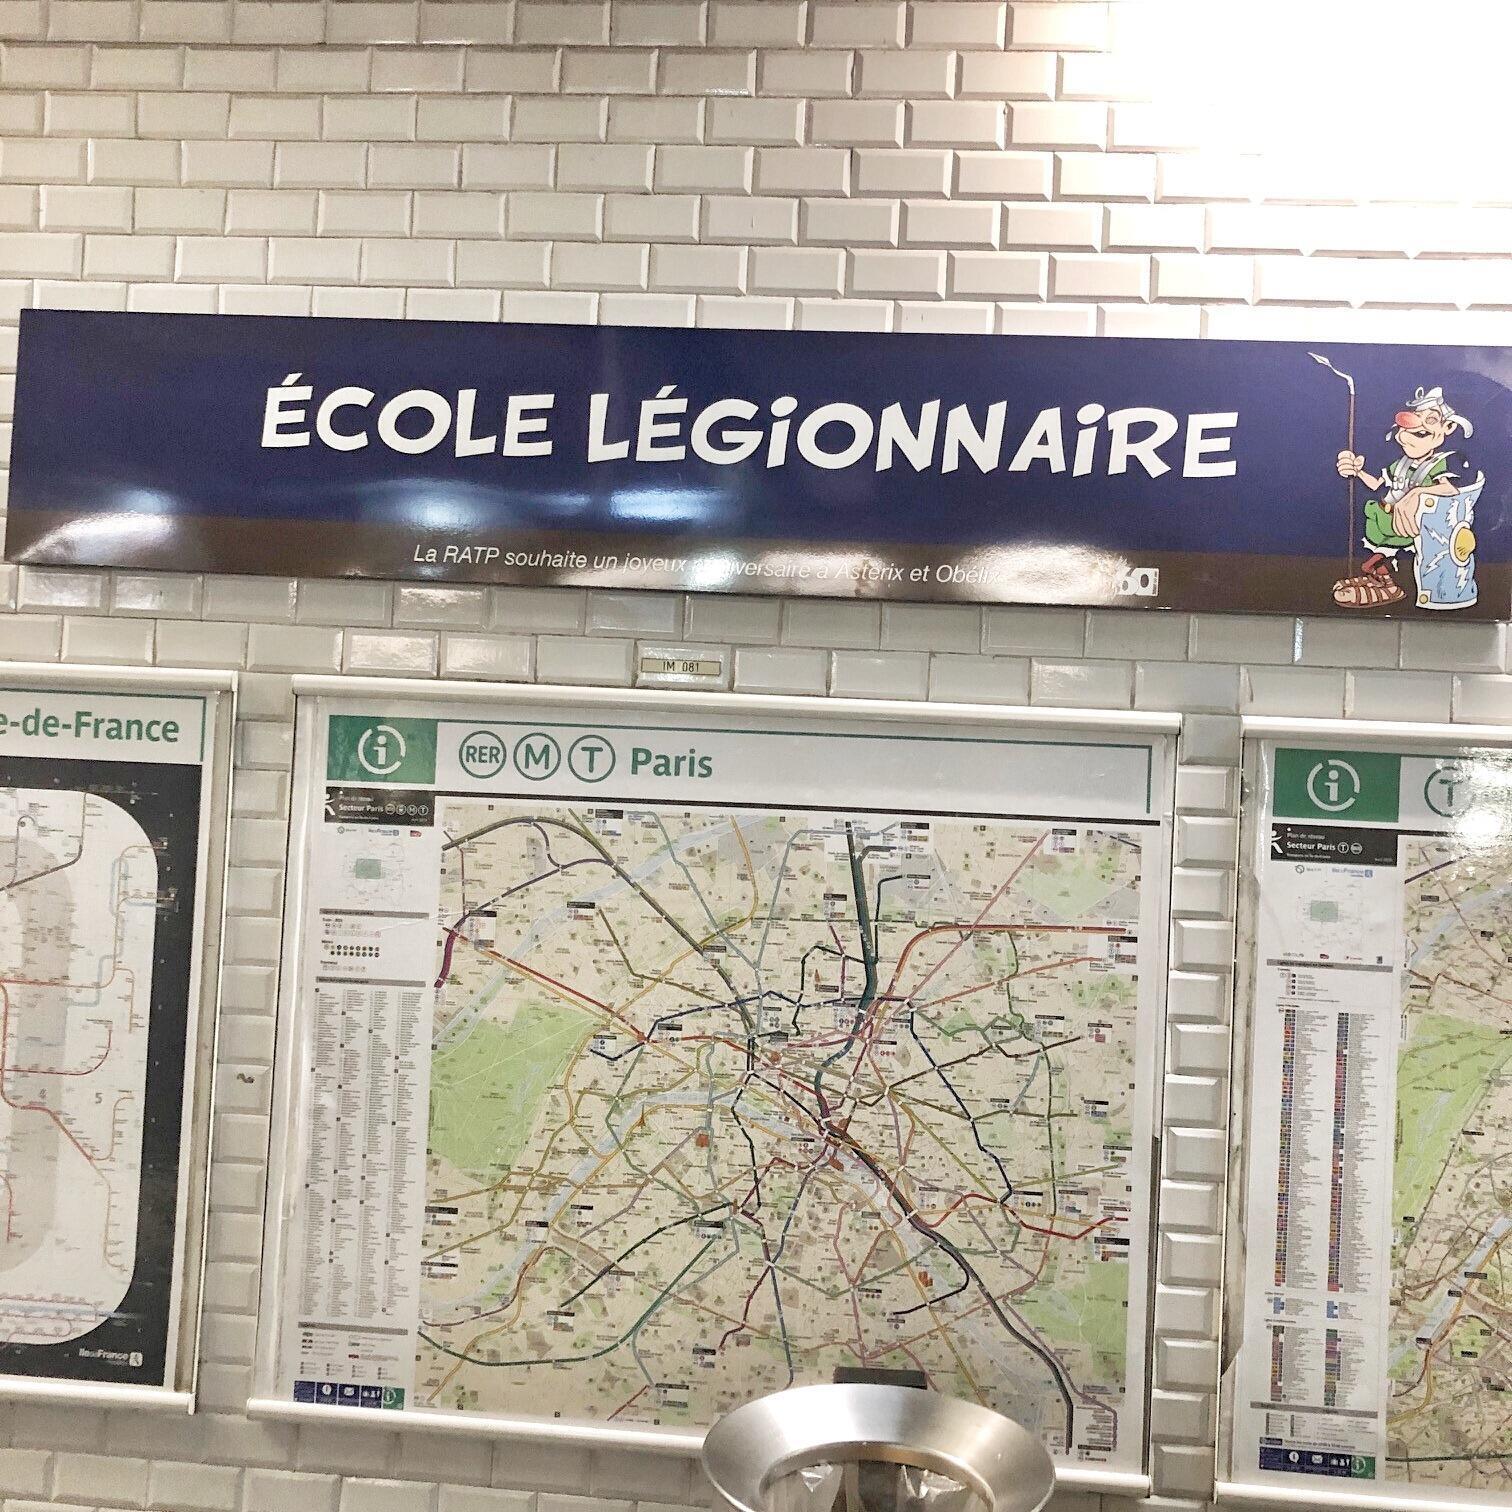 La estación Ecole Militaire se llama este miércoles 'Ecole Légionnaire'.